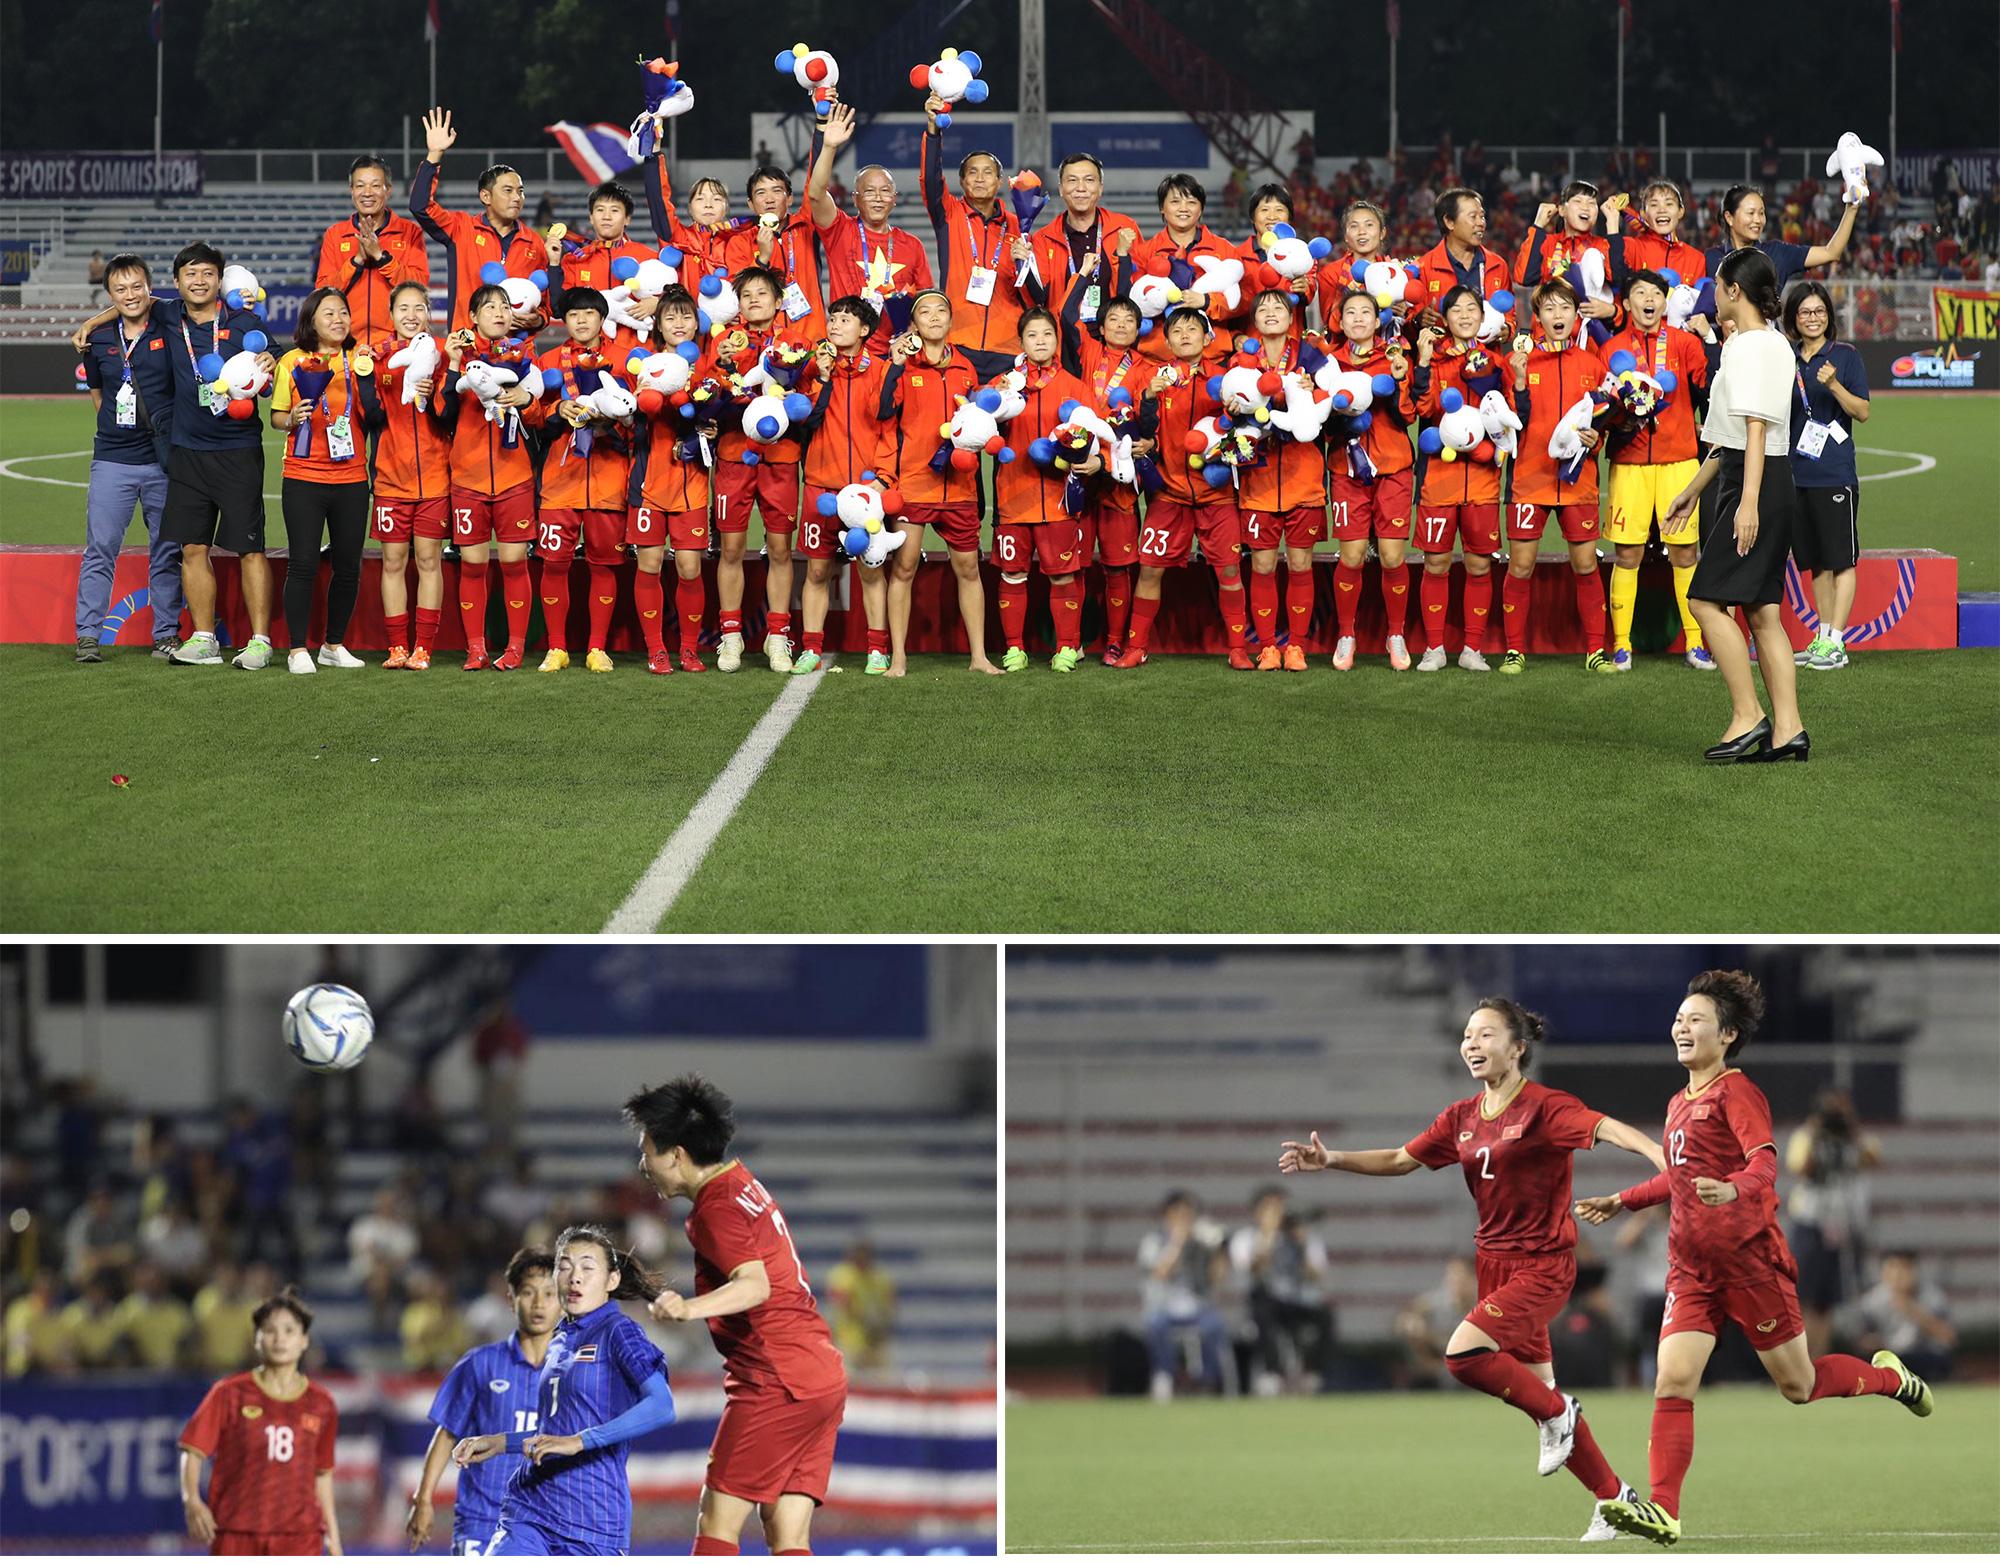 Bóng đá Việt Nam 2020: Quyết tâm giữ ngai Vàng Đông Nam Á và bơi ra biển lớn - Ảnh 16.